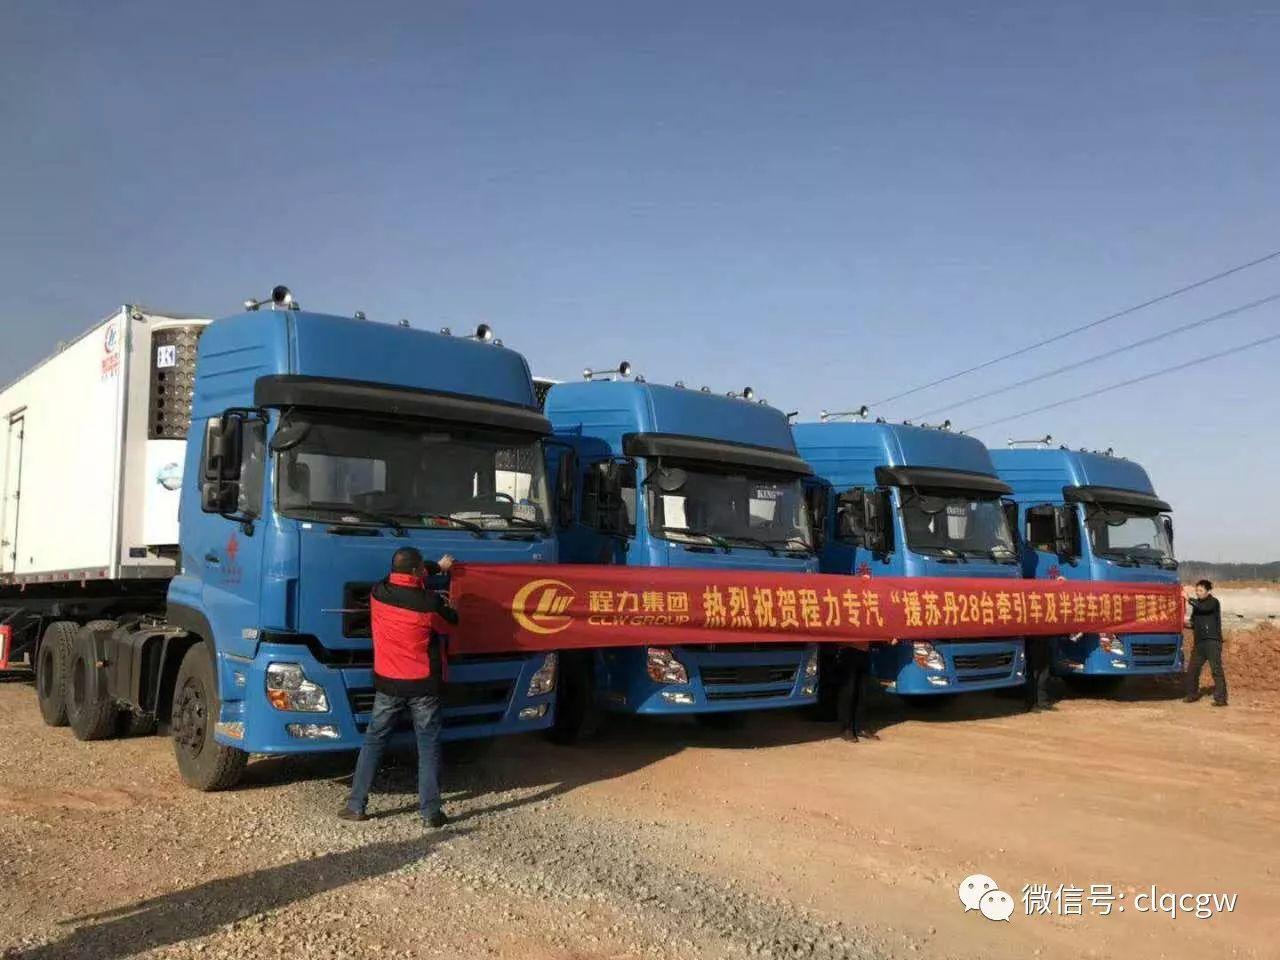 名企风采:程力制造,军工品质----程力专用汽车股份有限公司援助苏丹28辆牵引车及半挂冷藏车项目顺利完成任务